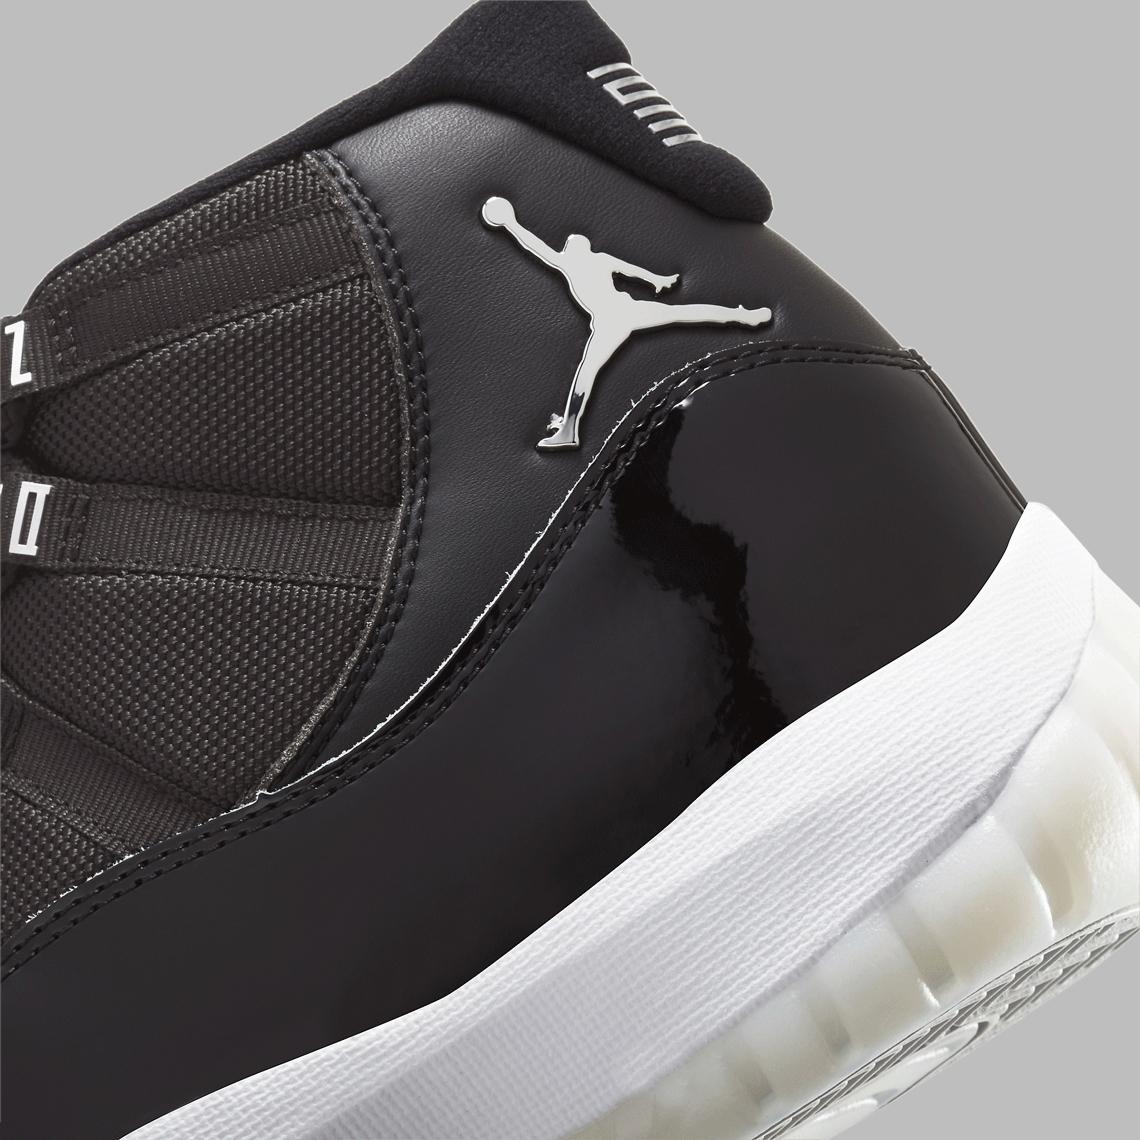 Air Jordan 11 ''Jubilee'' - 25th Anniversary - CT8012-011